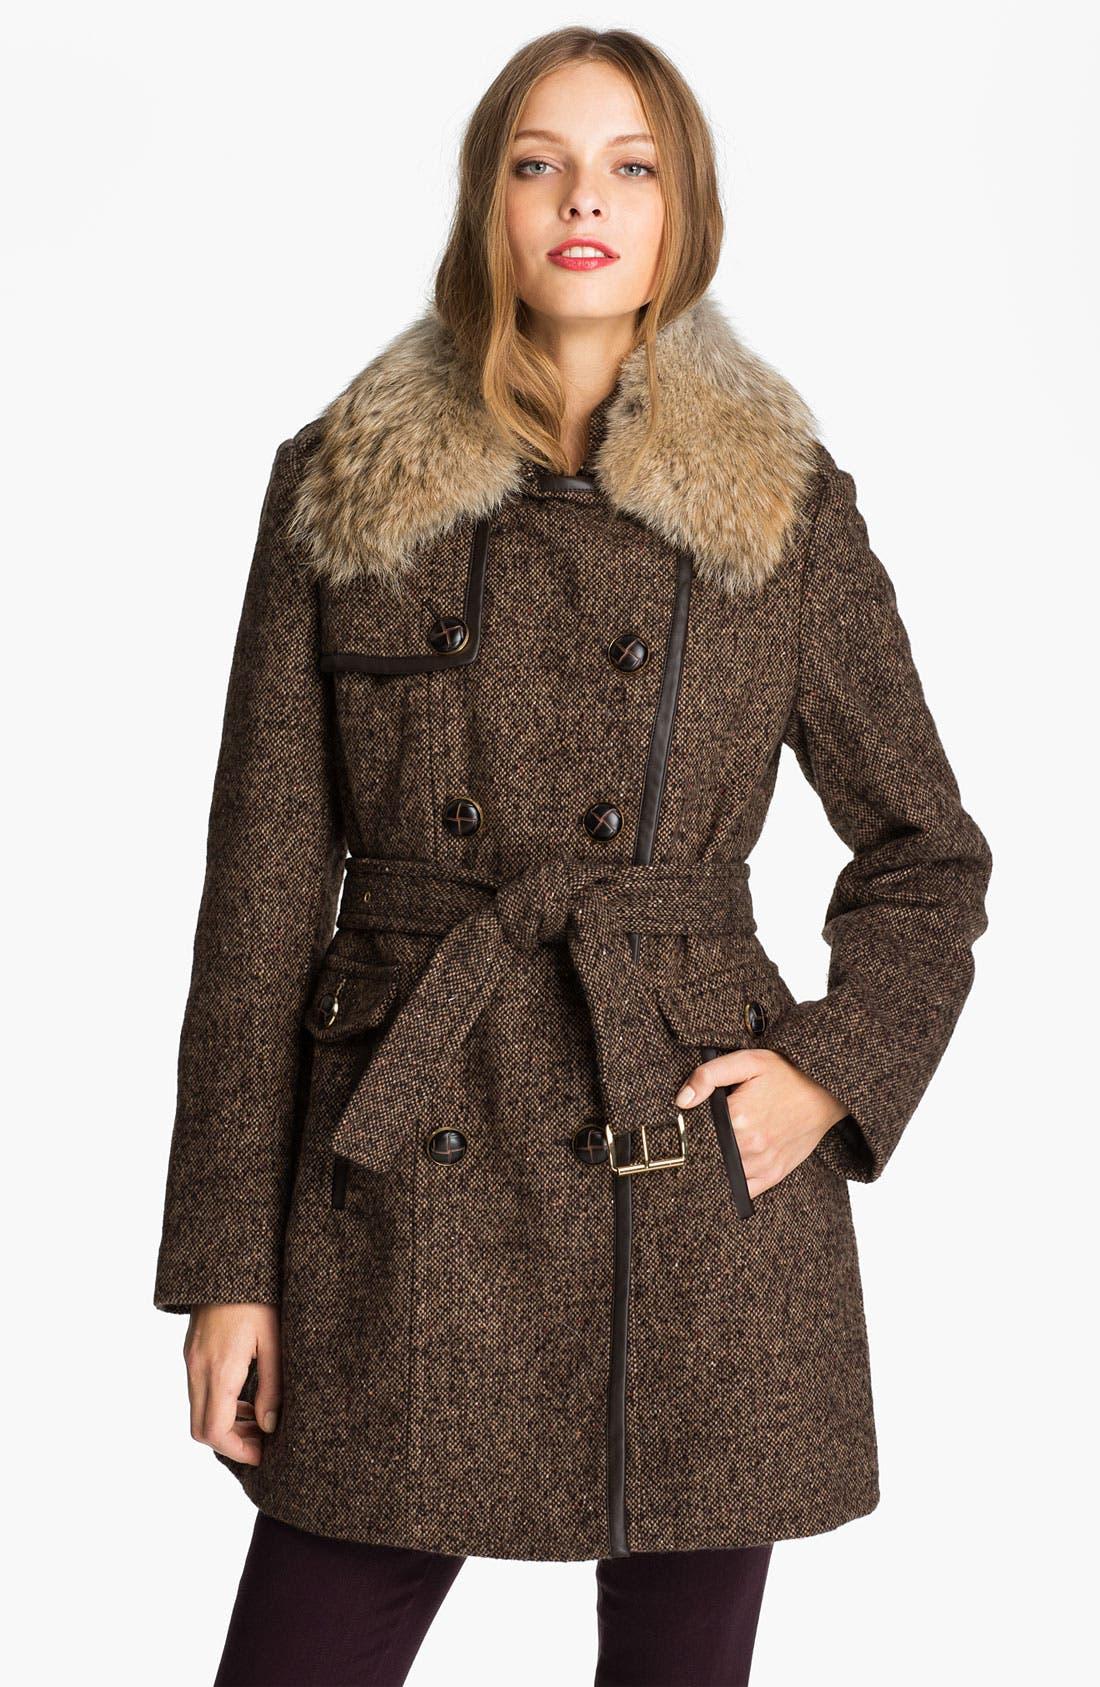 Alternate Image 1 Selected - MICHAEL Michael Kors Belted Tweed Coat with Genuine Coyote Fur